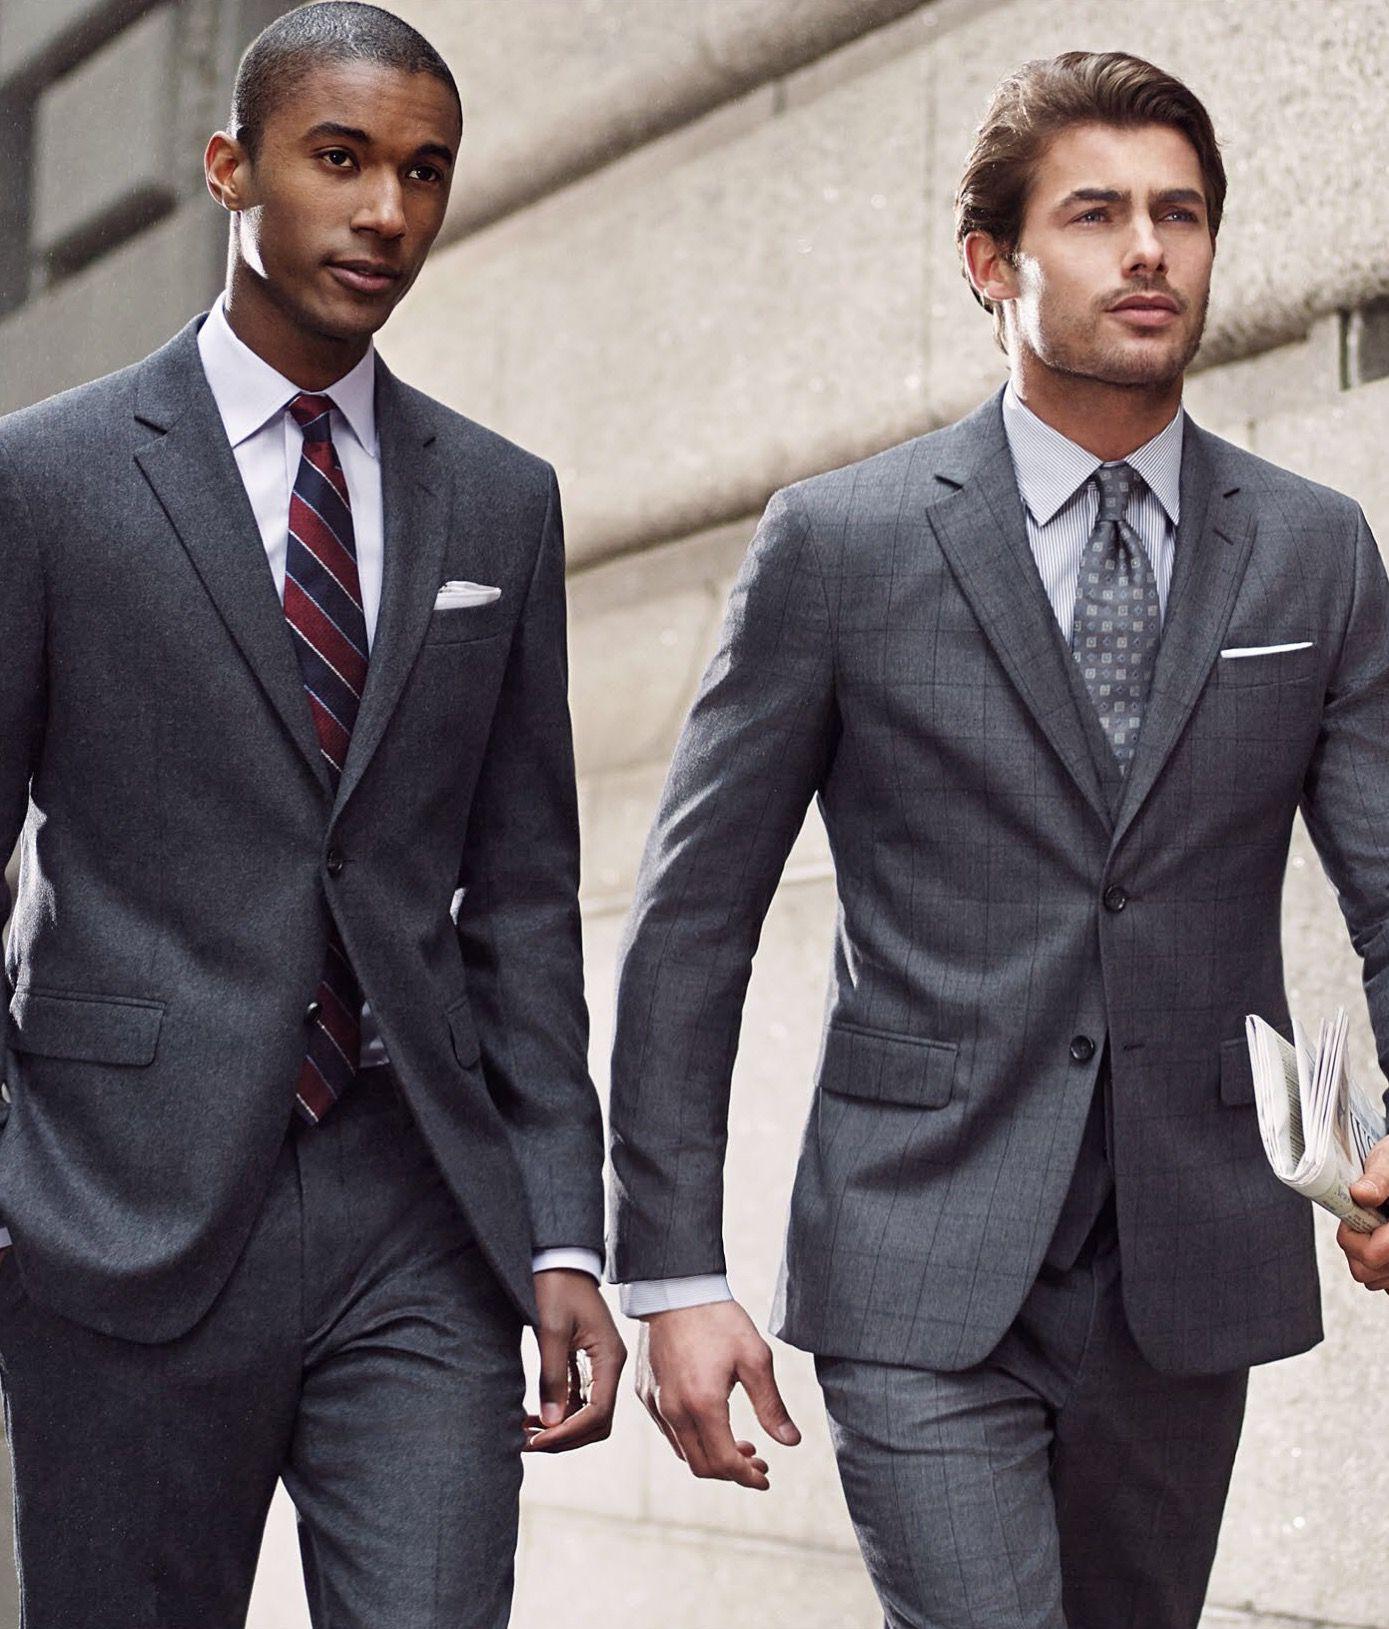 Pin de Ulises Sanchez en Work Suits  3a984b5534f